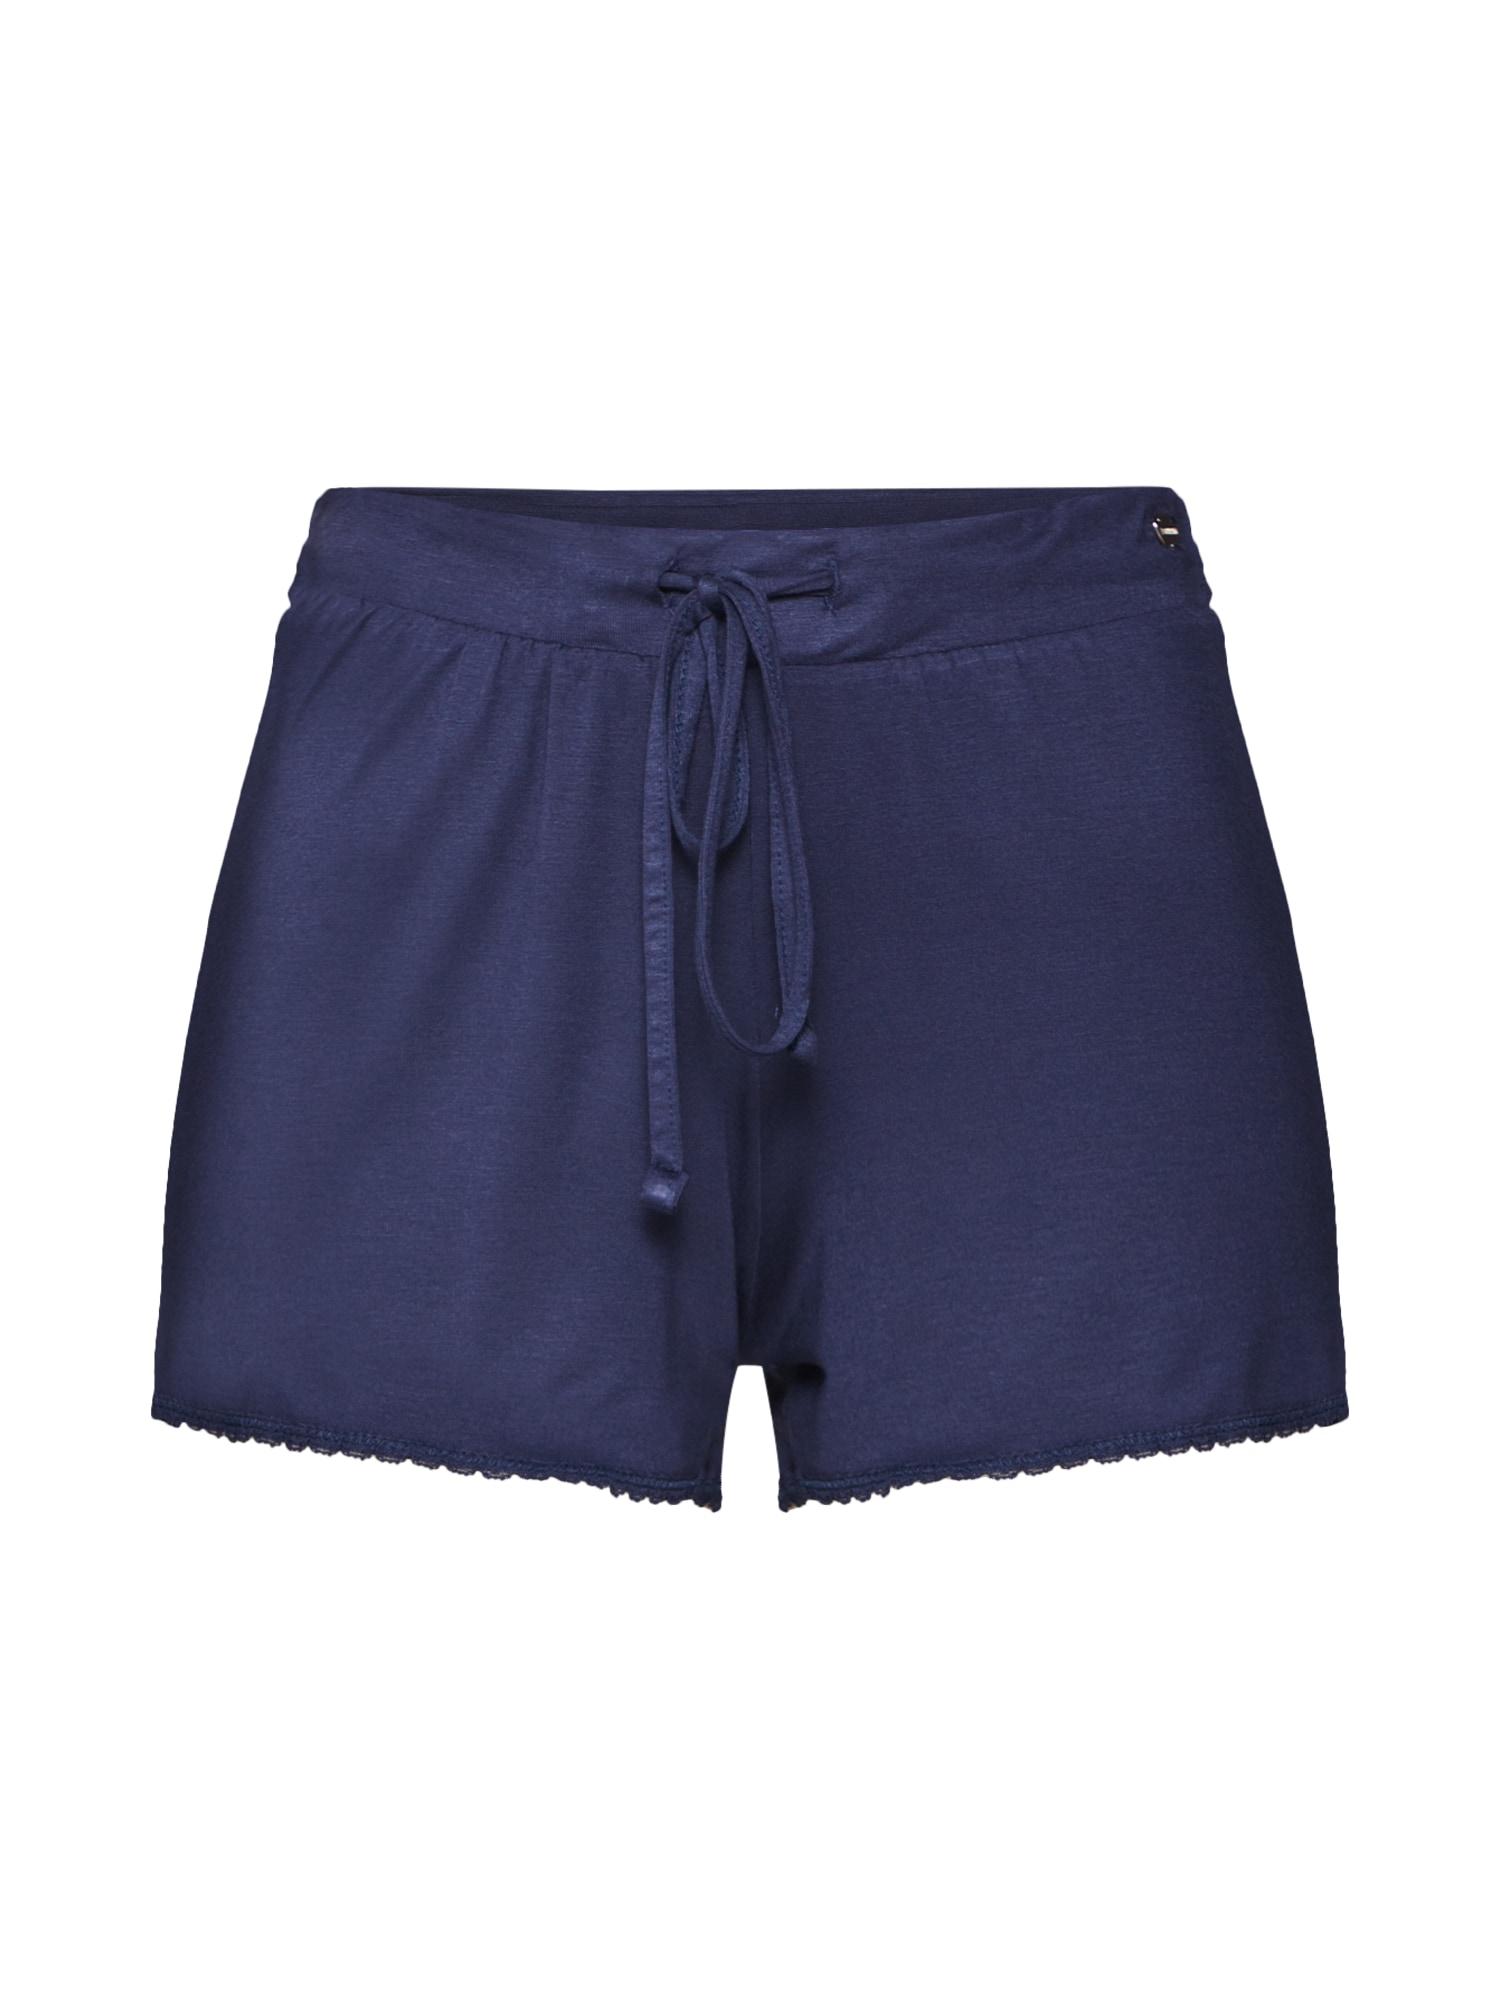 Pyžamové kalhoty AMY CAS NW námořnická modř ESPRIT